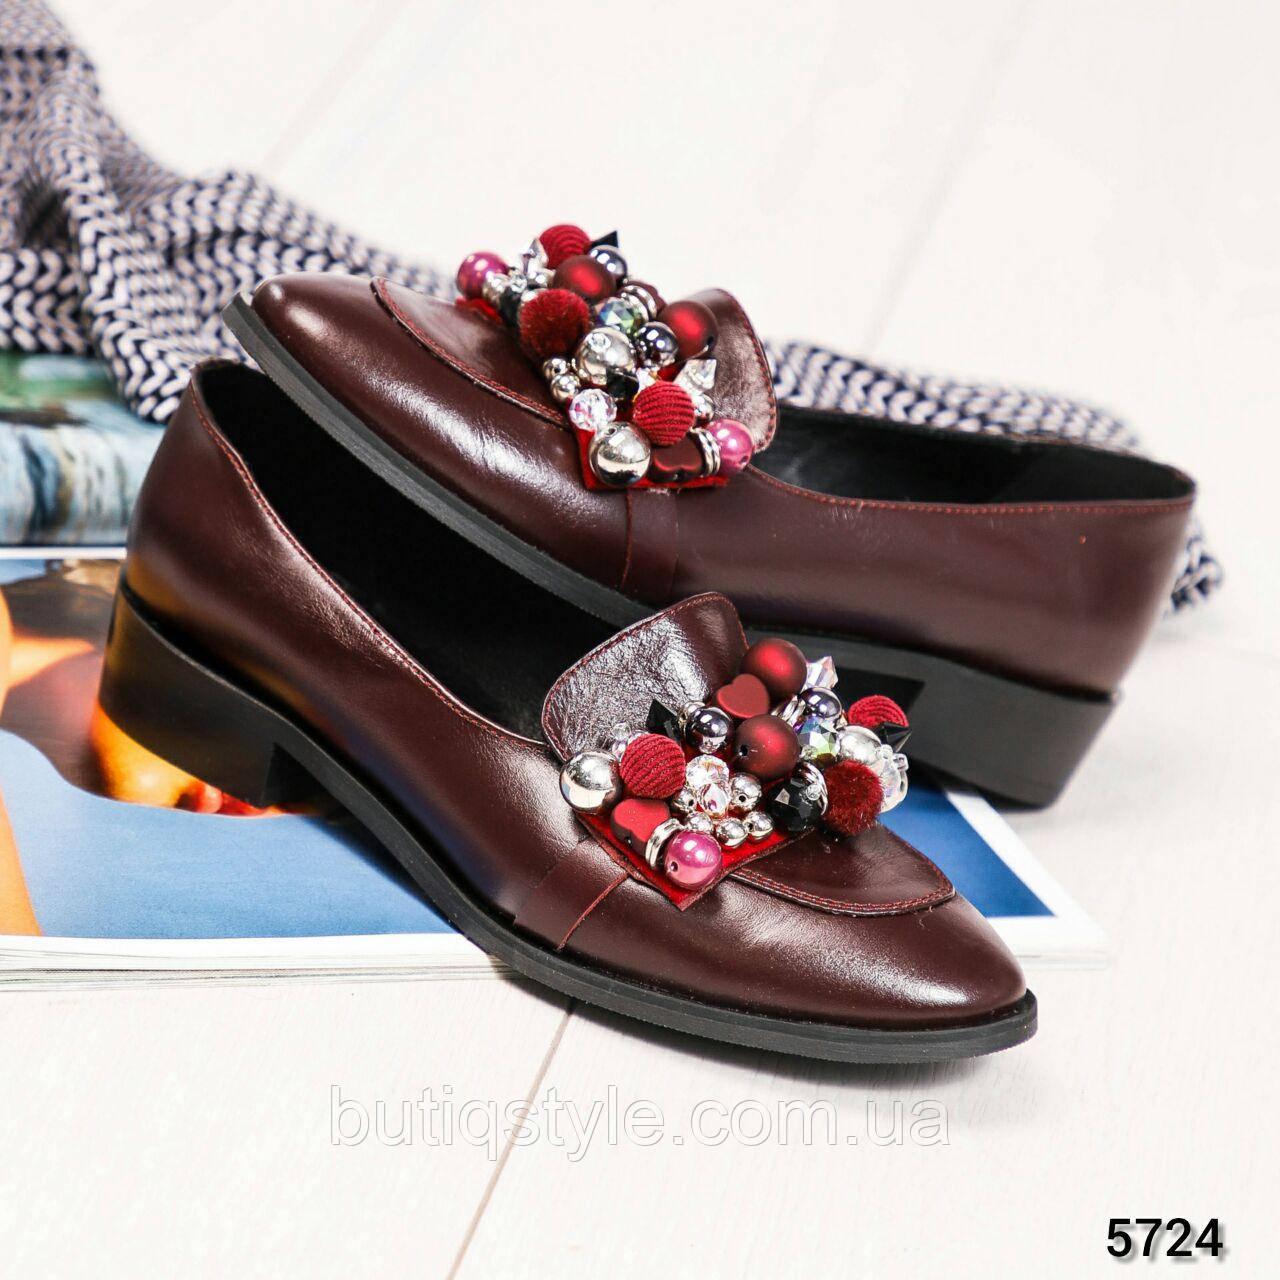 Жіночі туфлі марсала з декором натуральна шкіра